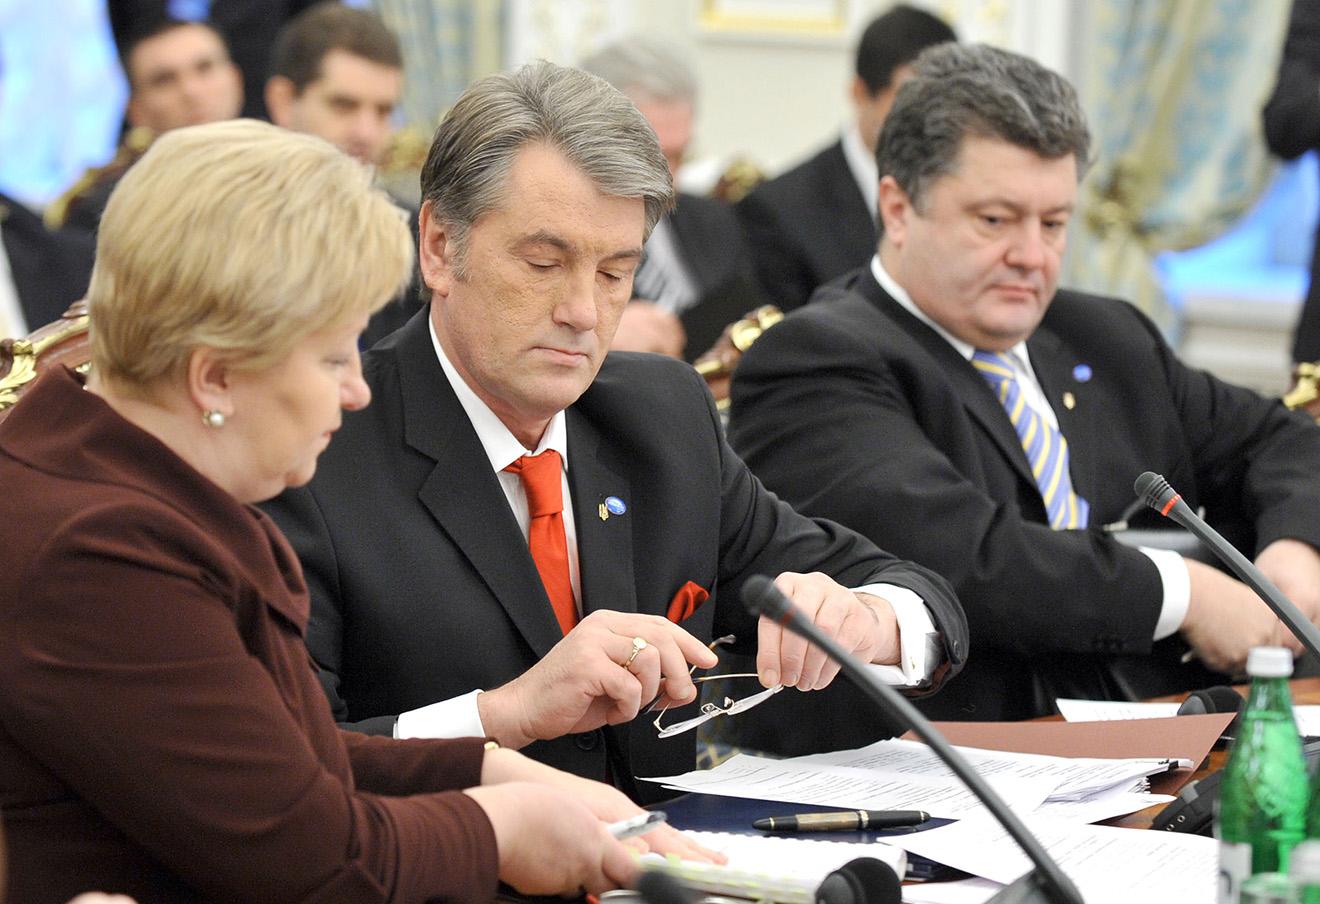 Виктор Ющенко и министр иностранных дел Украины Петр Порошенко, 2009 год.